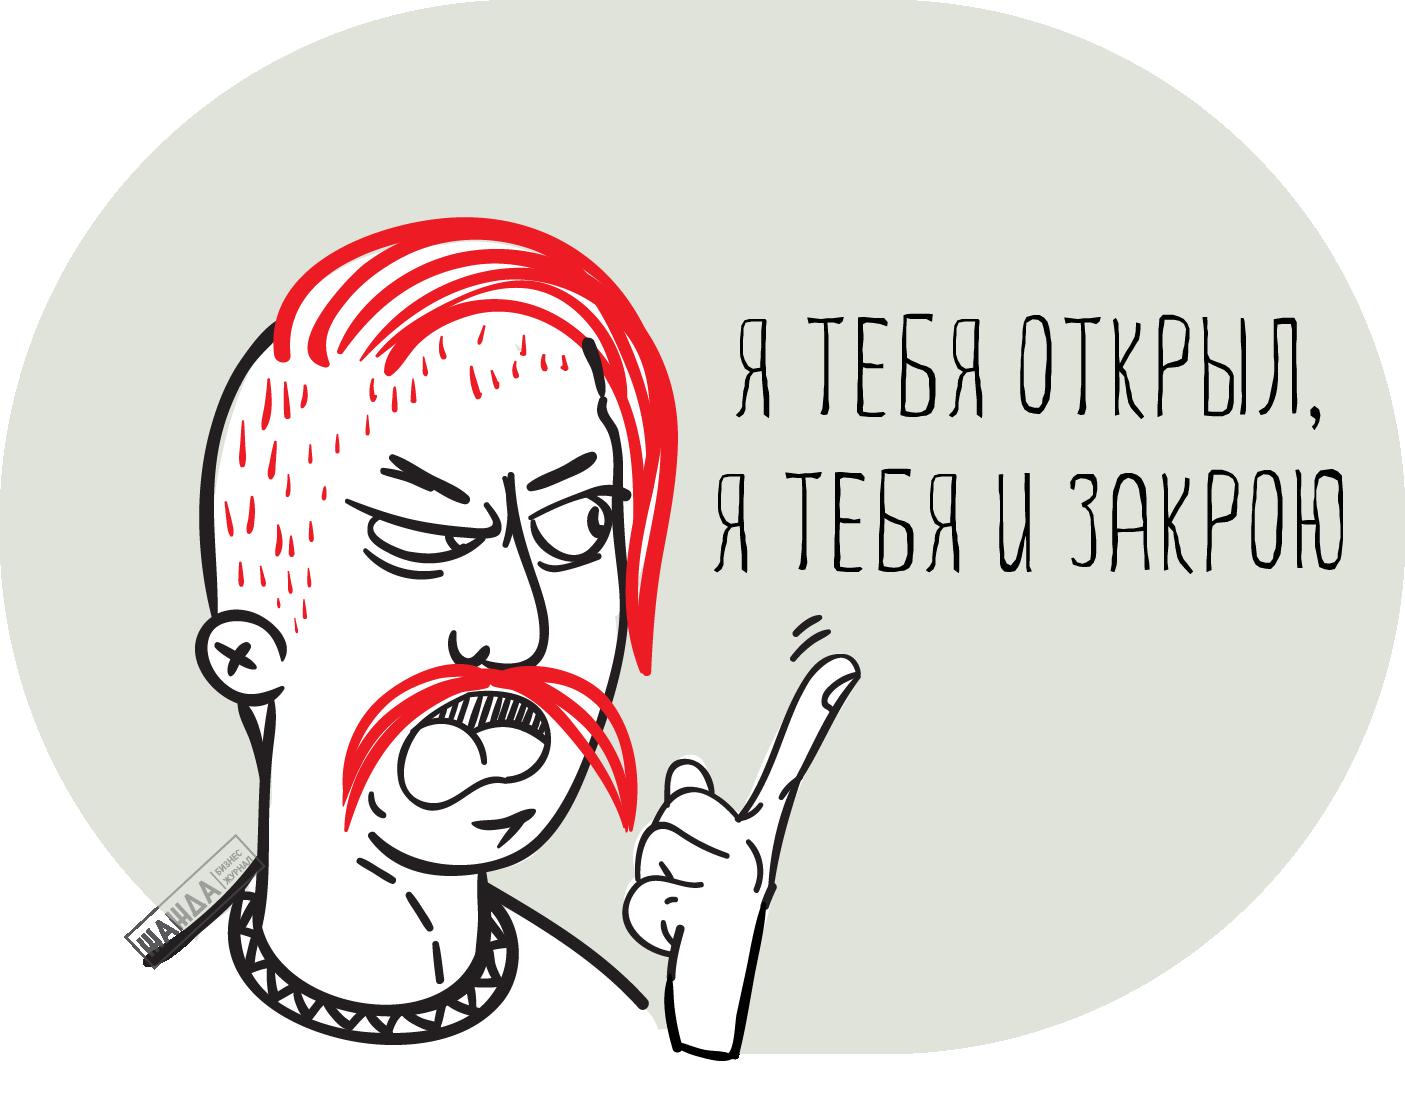 Образец решения нескольких учредителей о ликвидации ООО